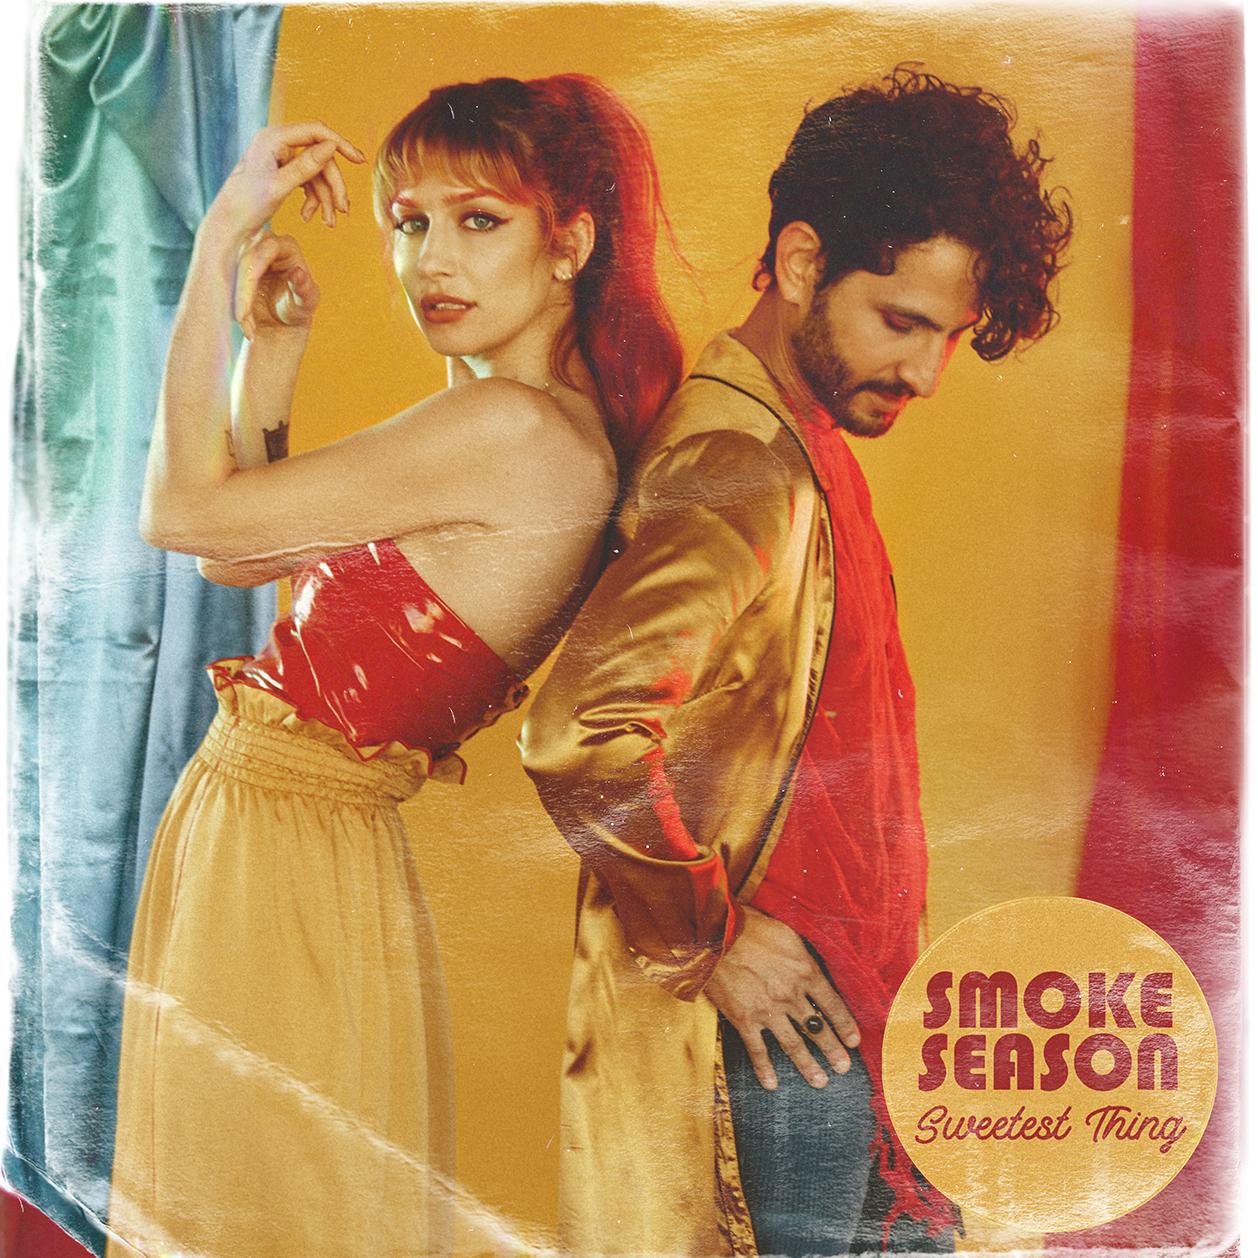 Smoke Season Album Packaging